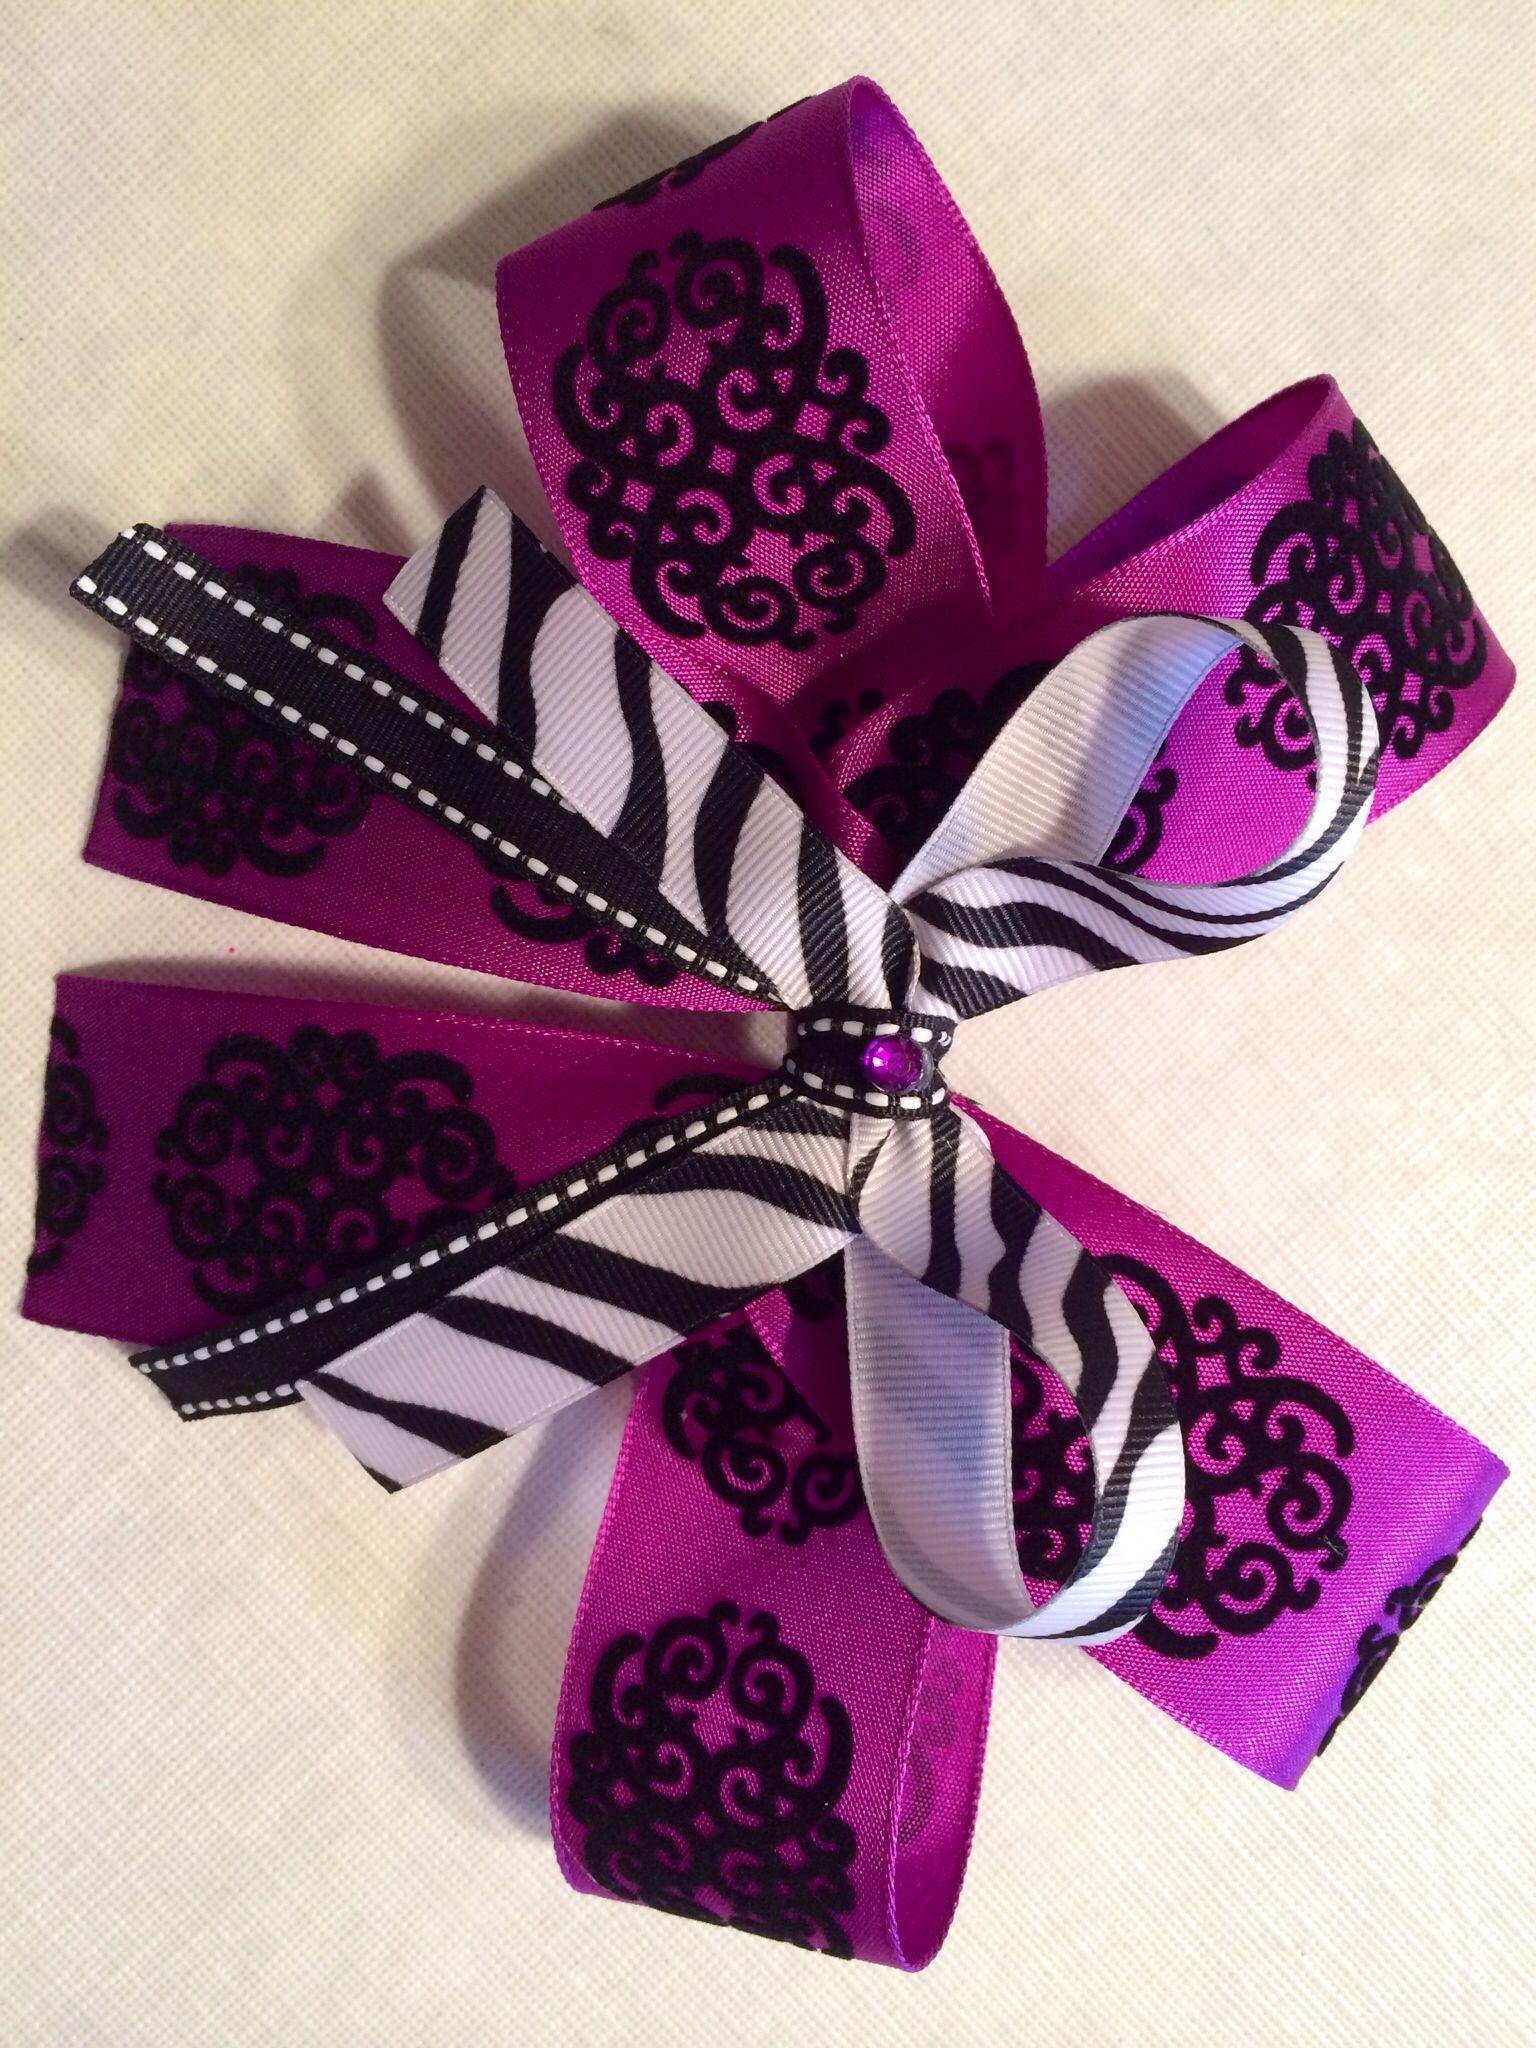 Diy hair bow bow hair accessories diy hair bows